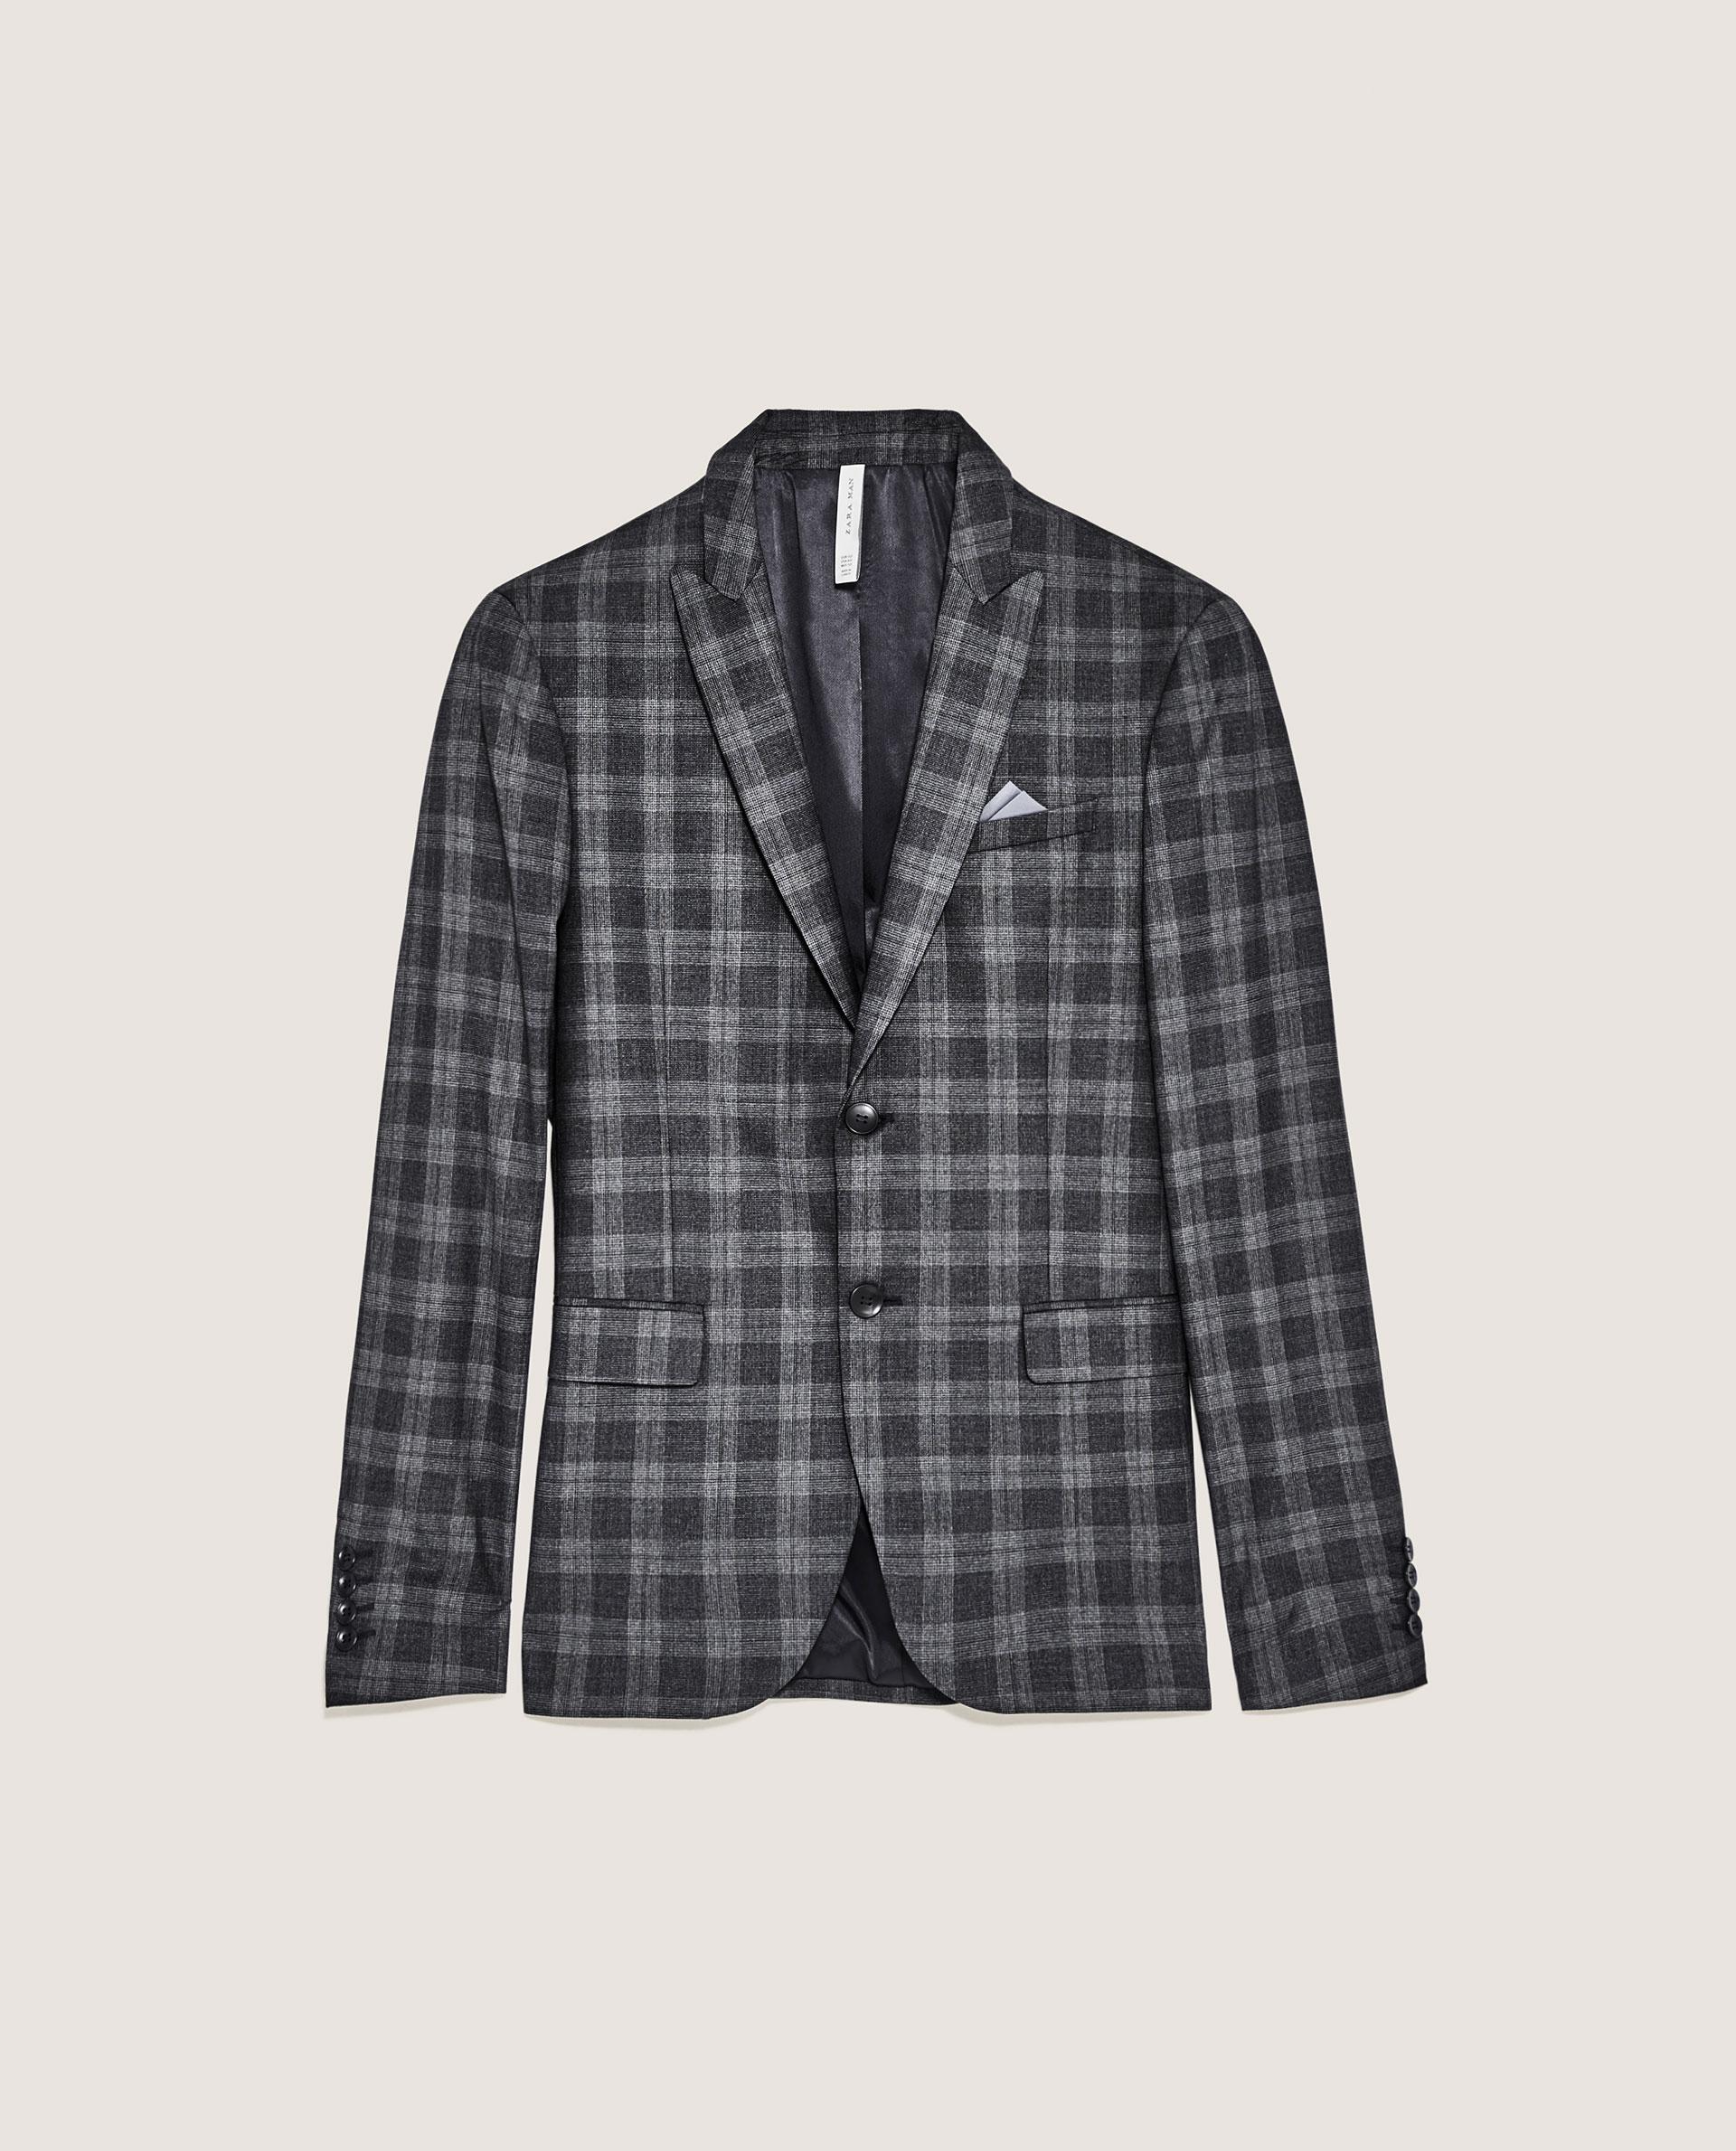 Ett mycket prisvärt alternativ kommer från Zara i ett rutigt utförande som  även finns tillgänglig som hel kostym. Kavajen kommer men aningen  spetsigare slag ... f7164a1e4d76e